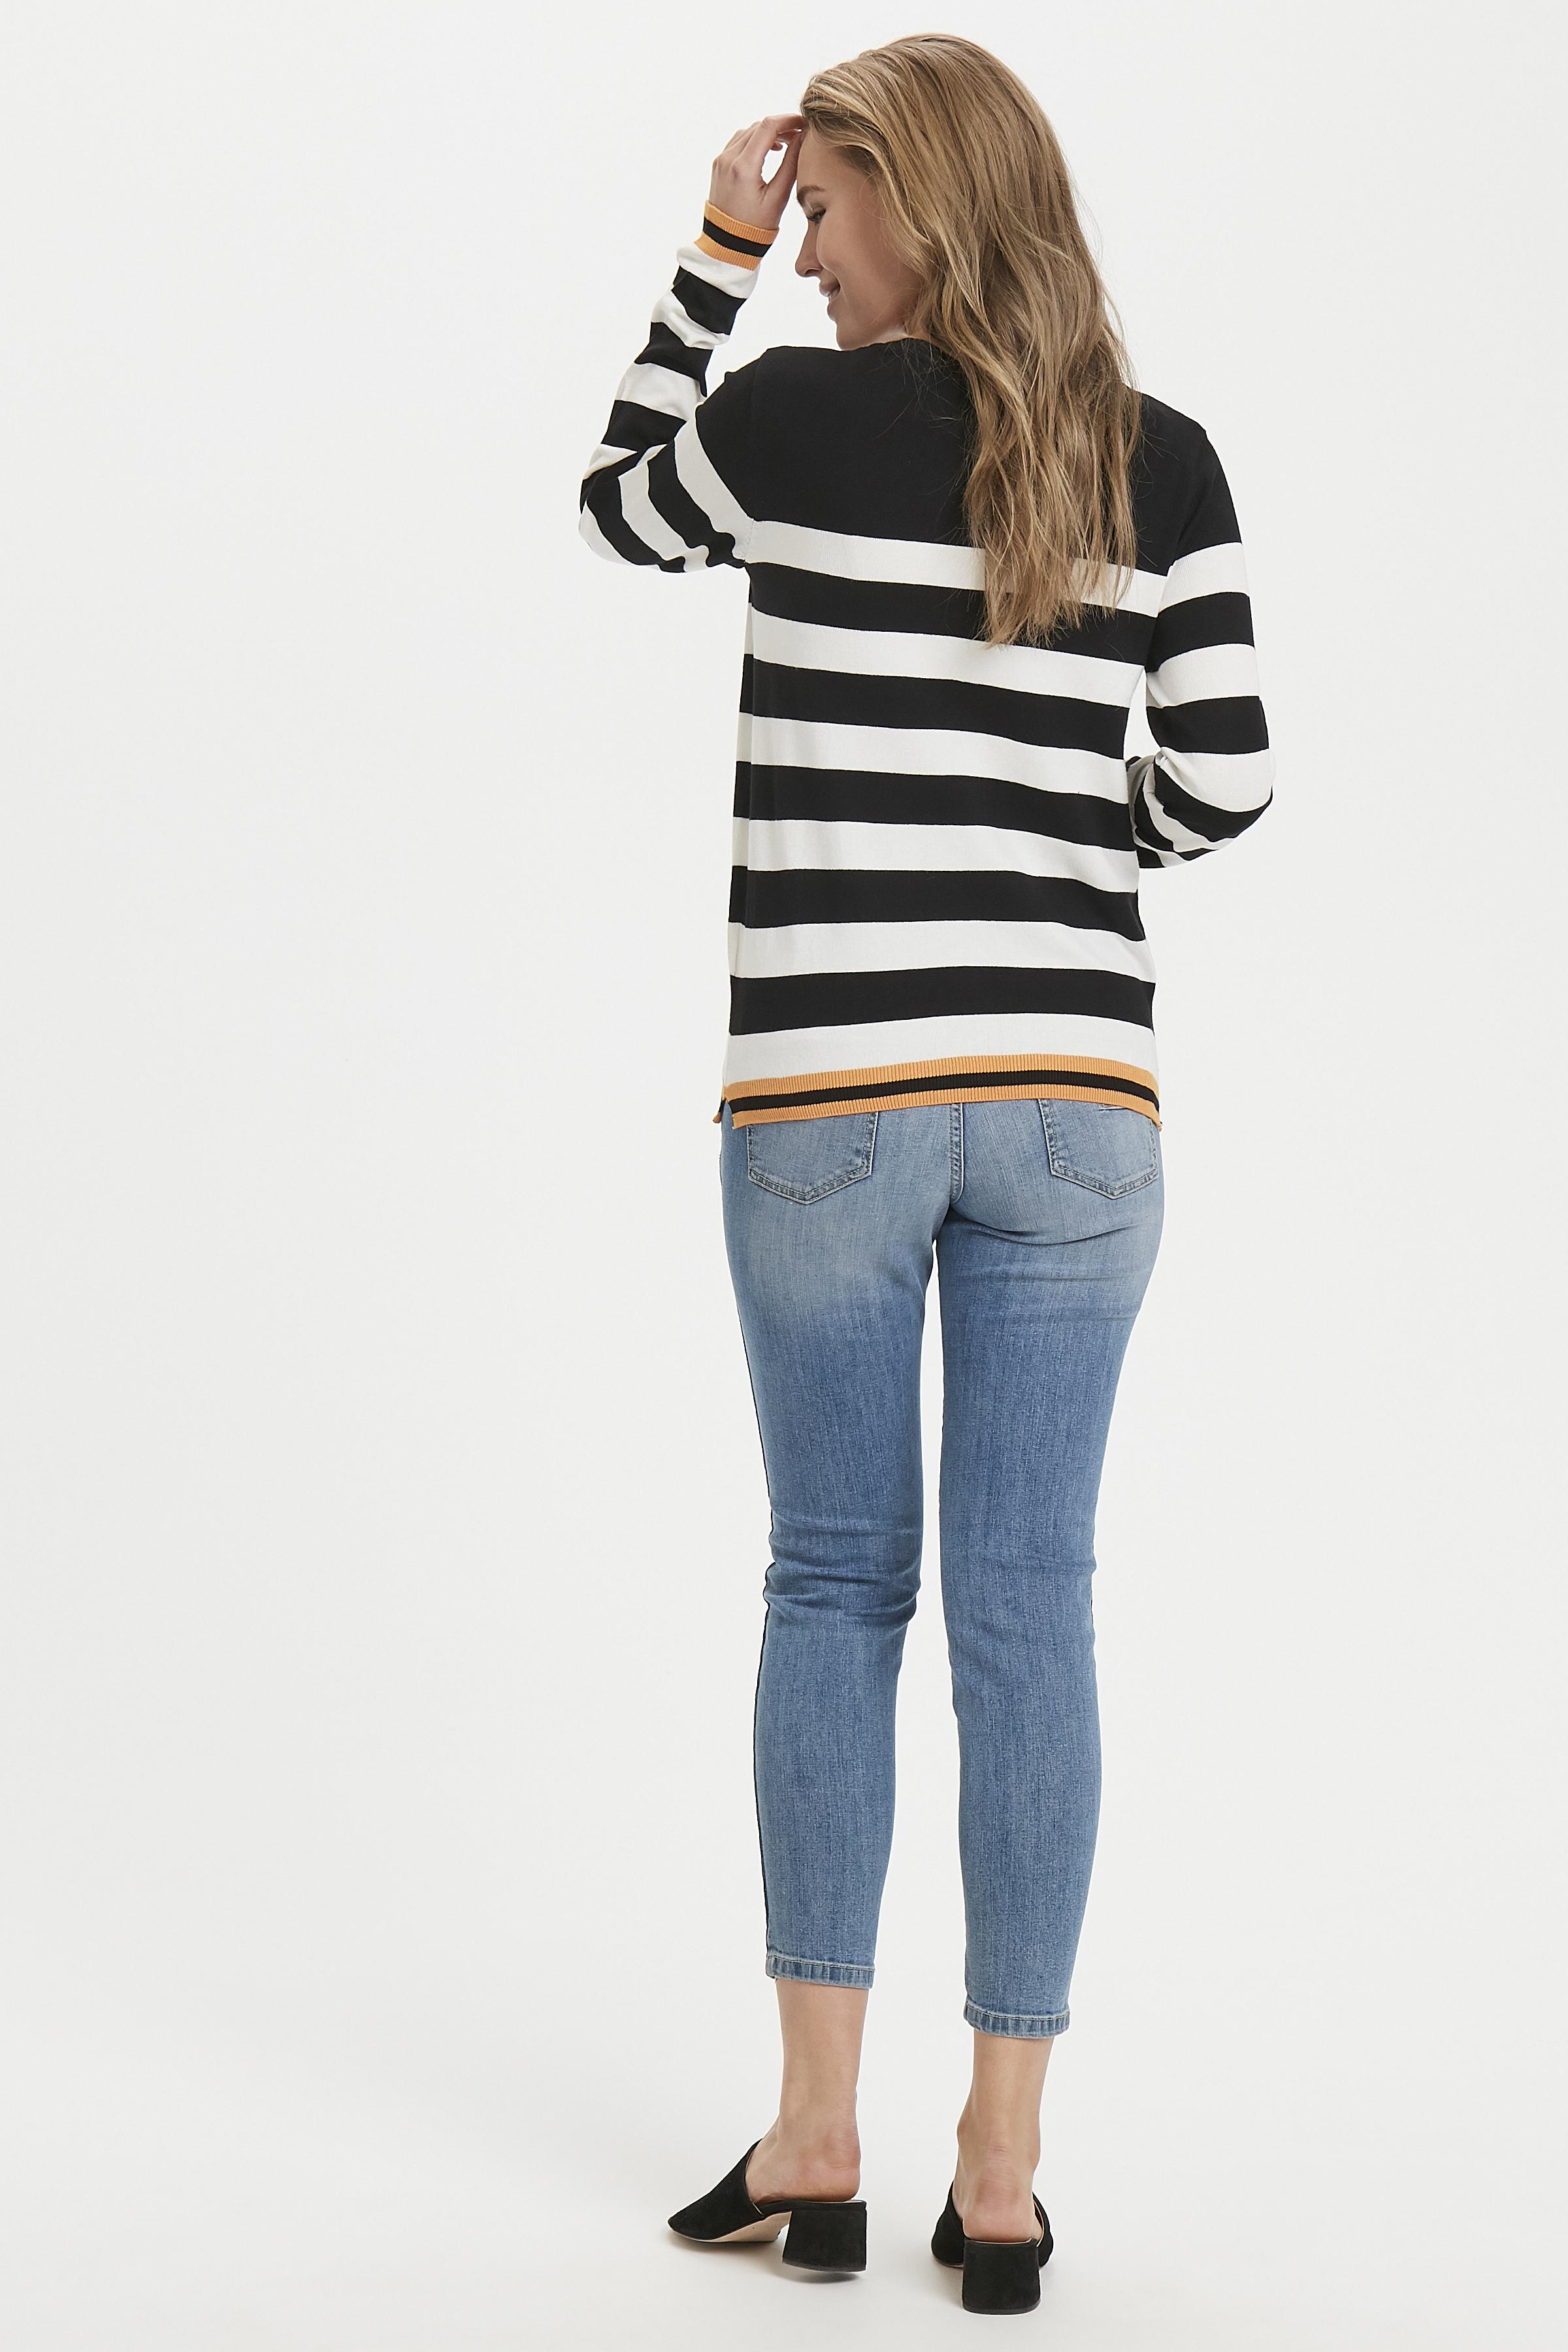 Black Combi Strickpullover von b.young – Kaufen Sie Black Combi Strickpullover aus Größe S-XXL hier